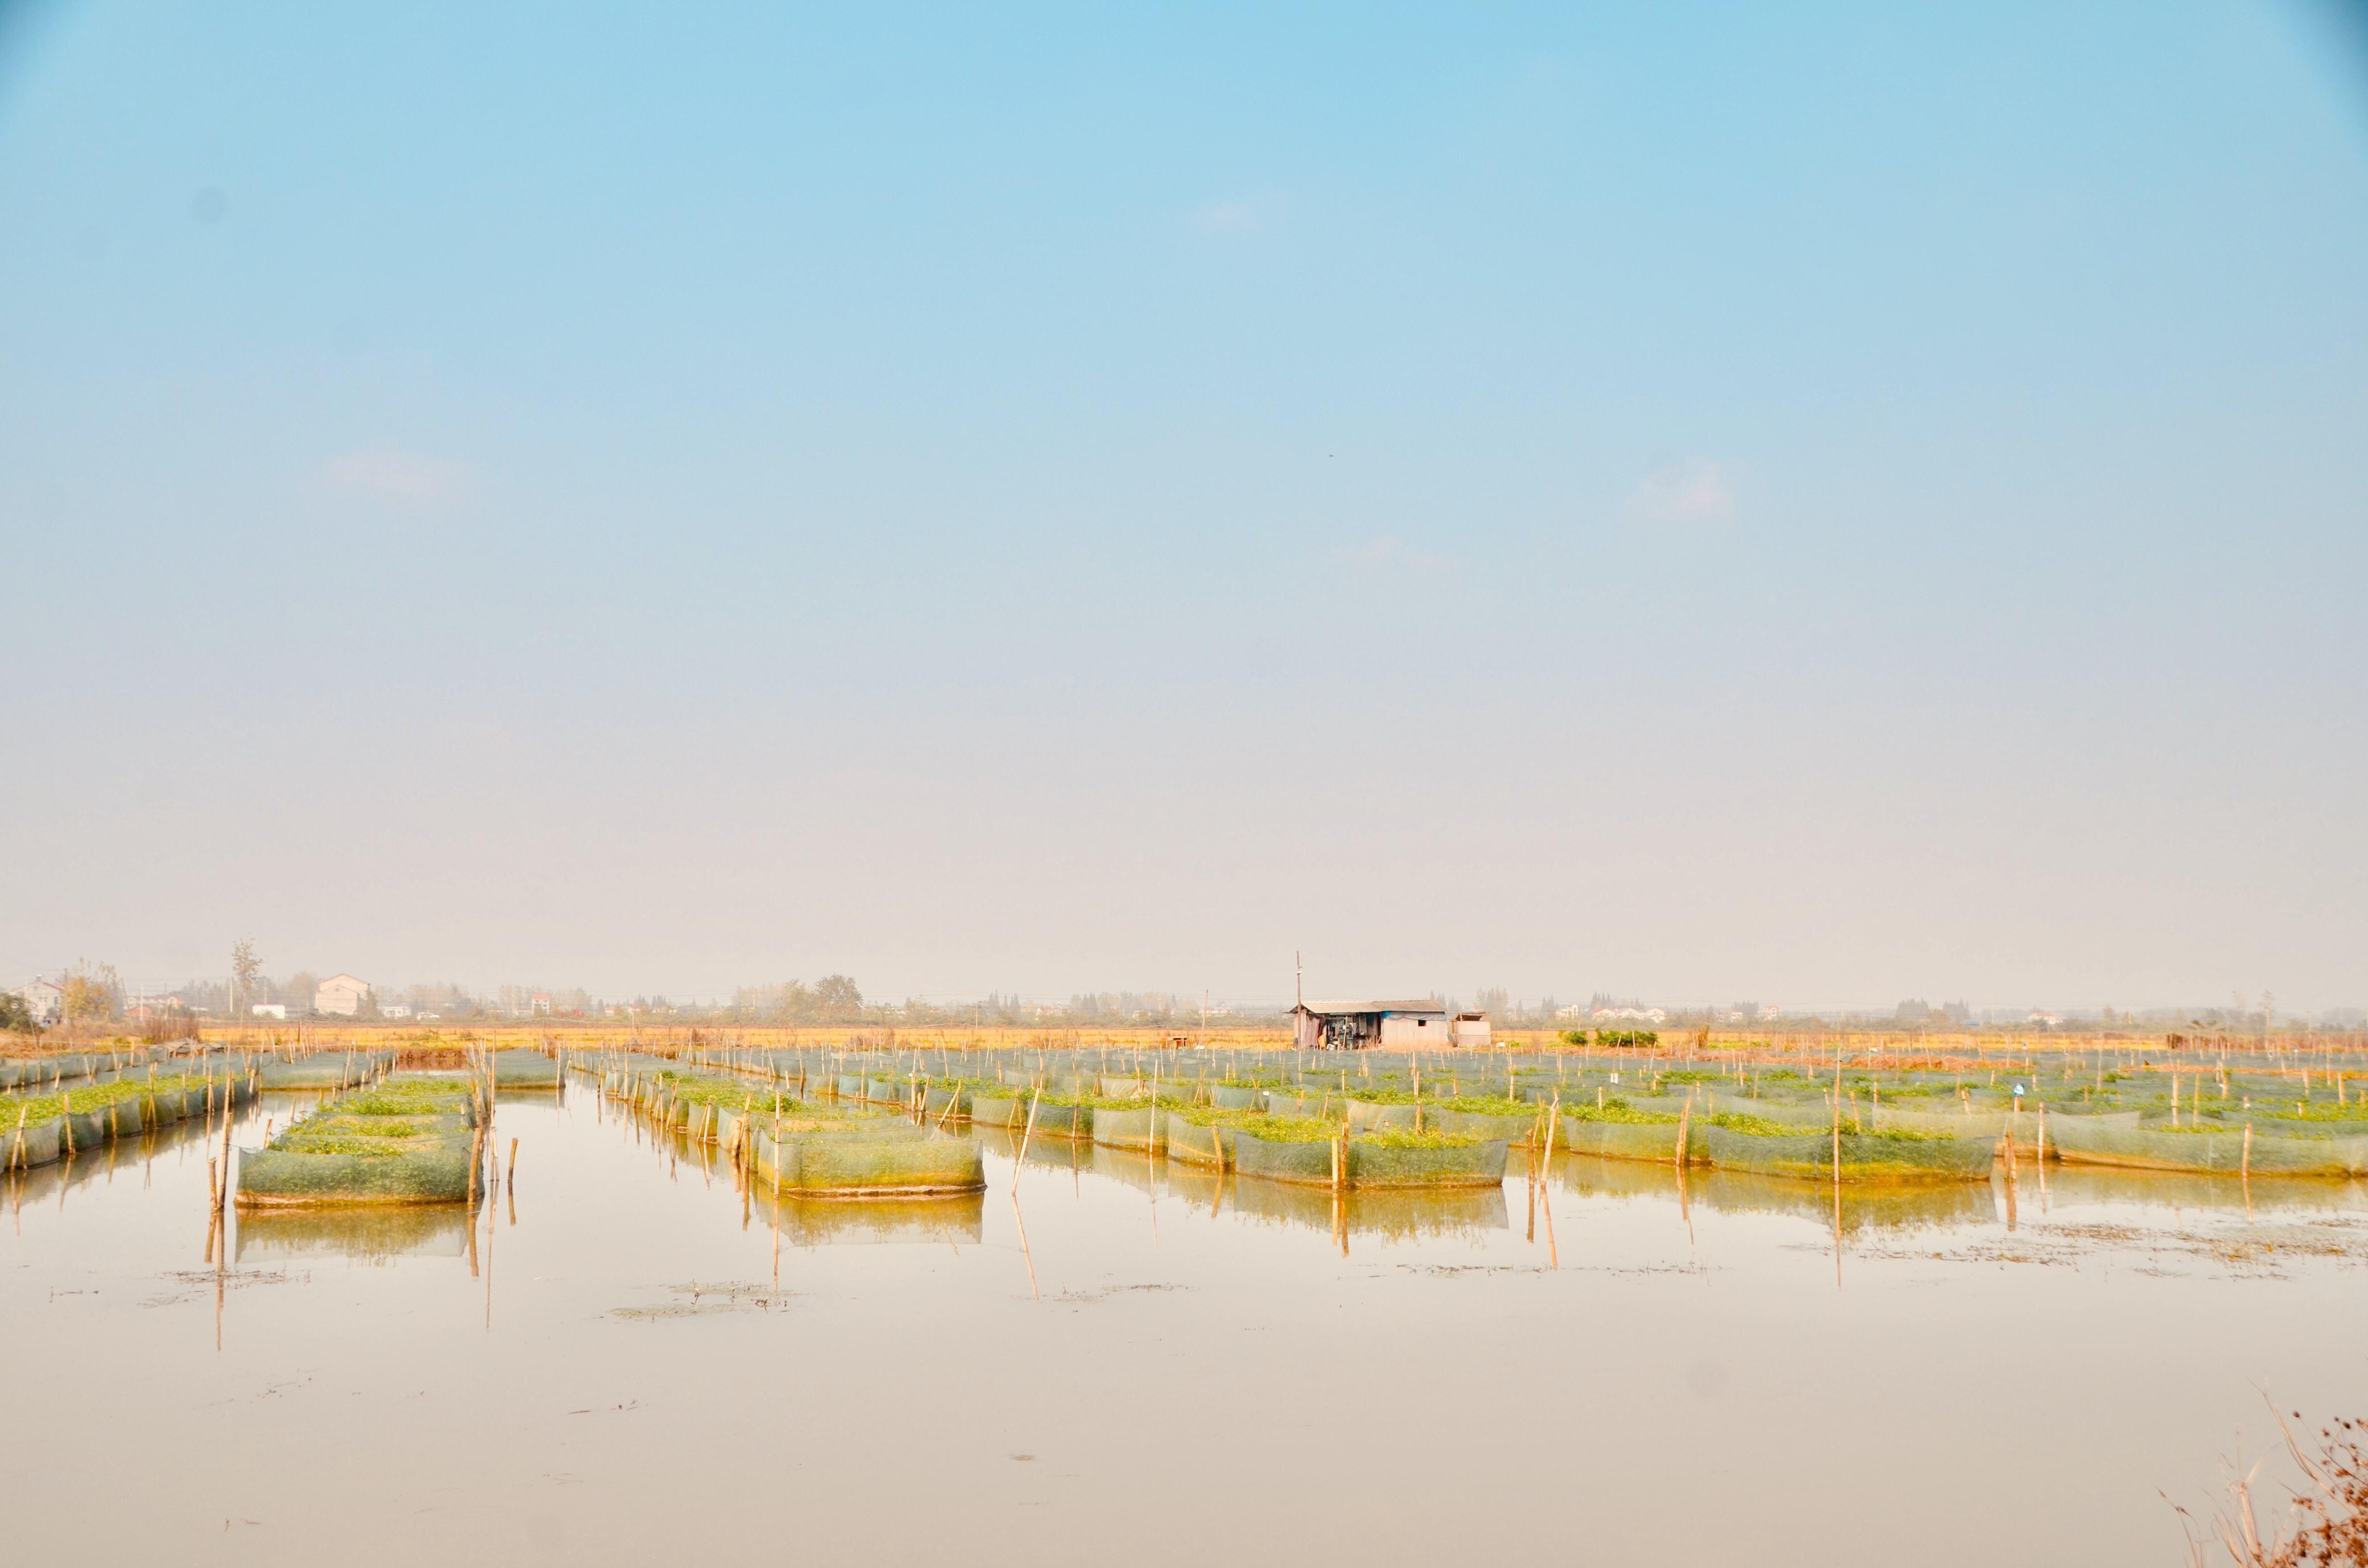 中国小龙虾第一县:产量连续6年全国第一,全国小龙虾1/7出自这